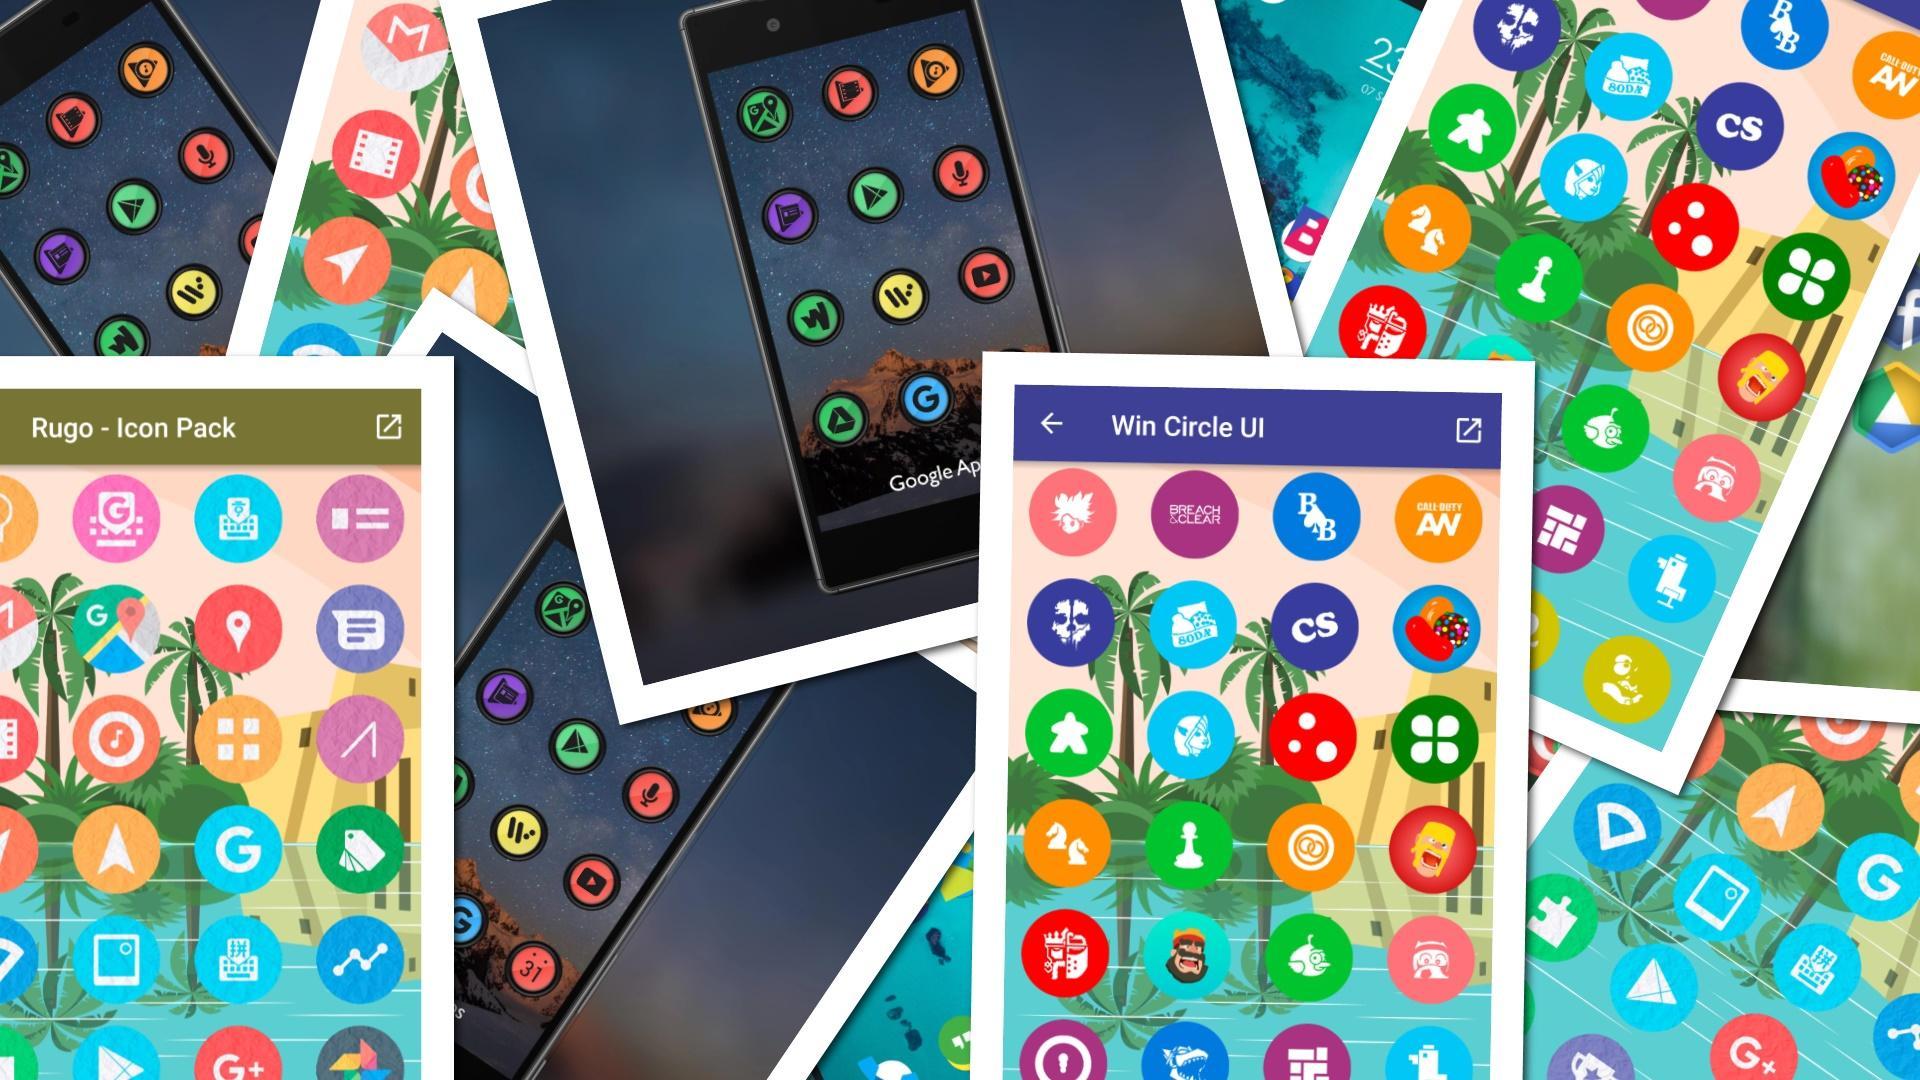 Бесплатно устанавливаем платные иконки для Android. 17 наборов